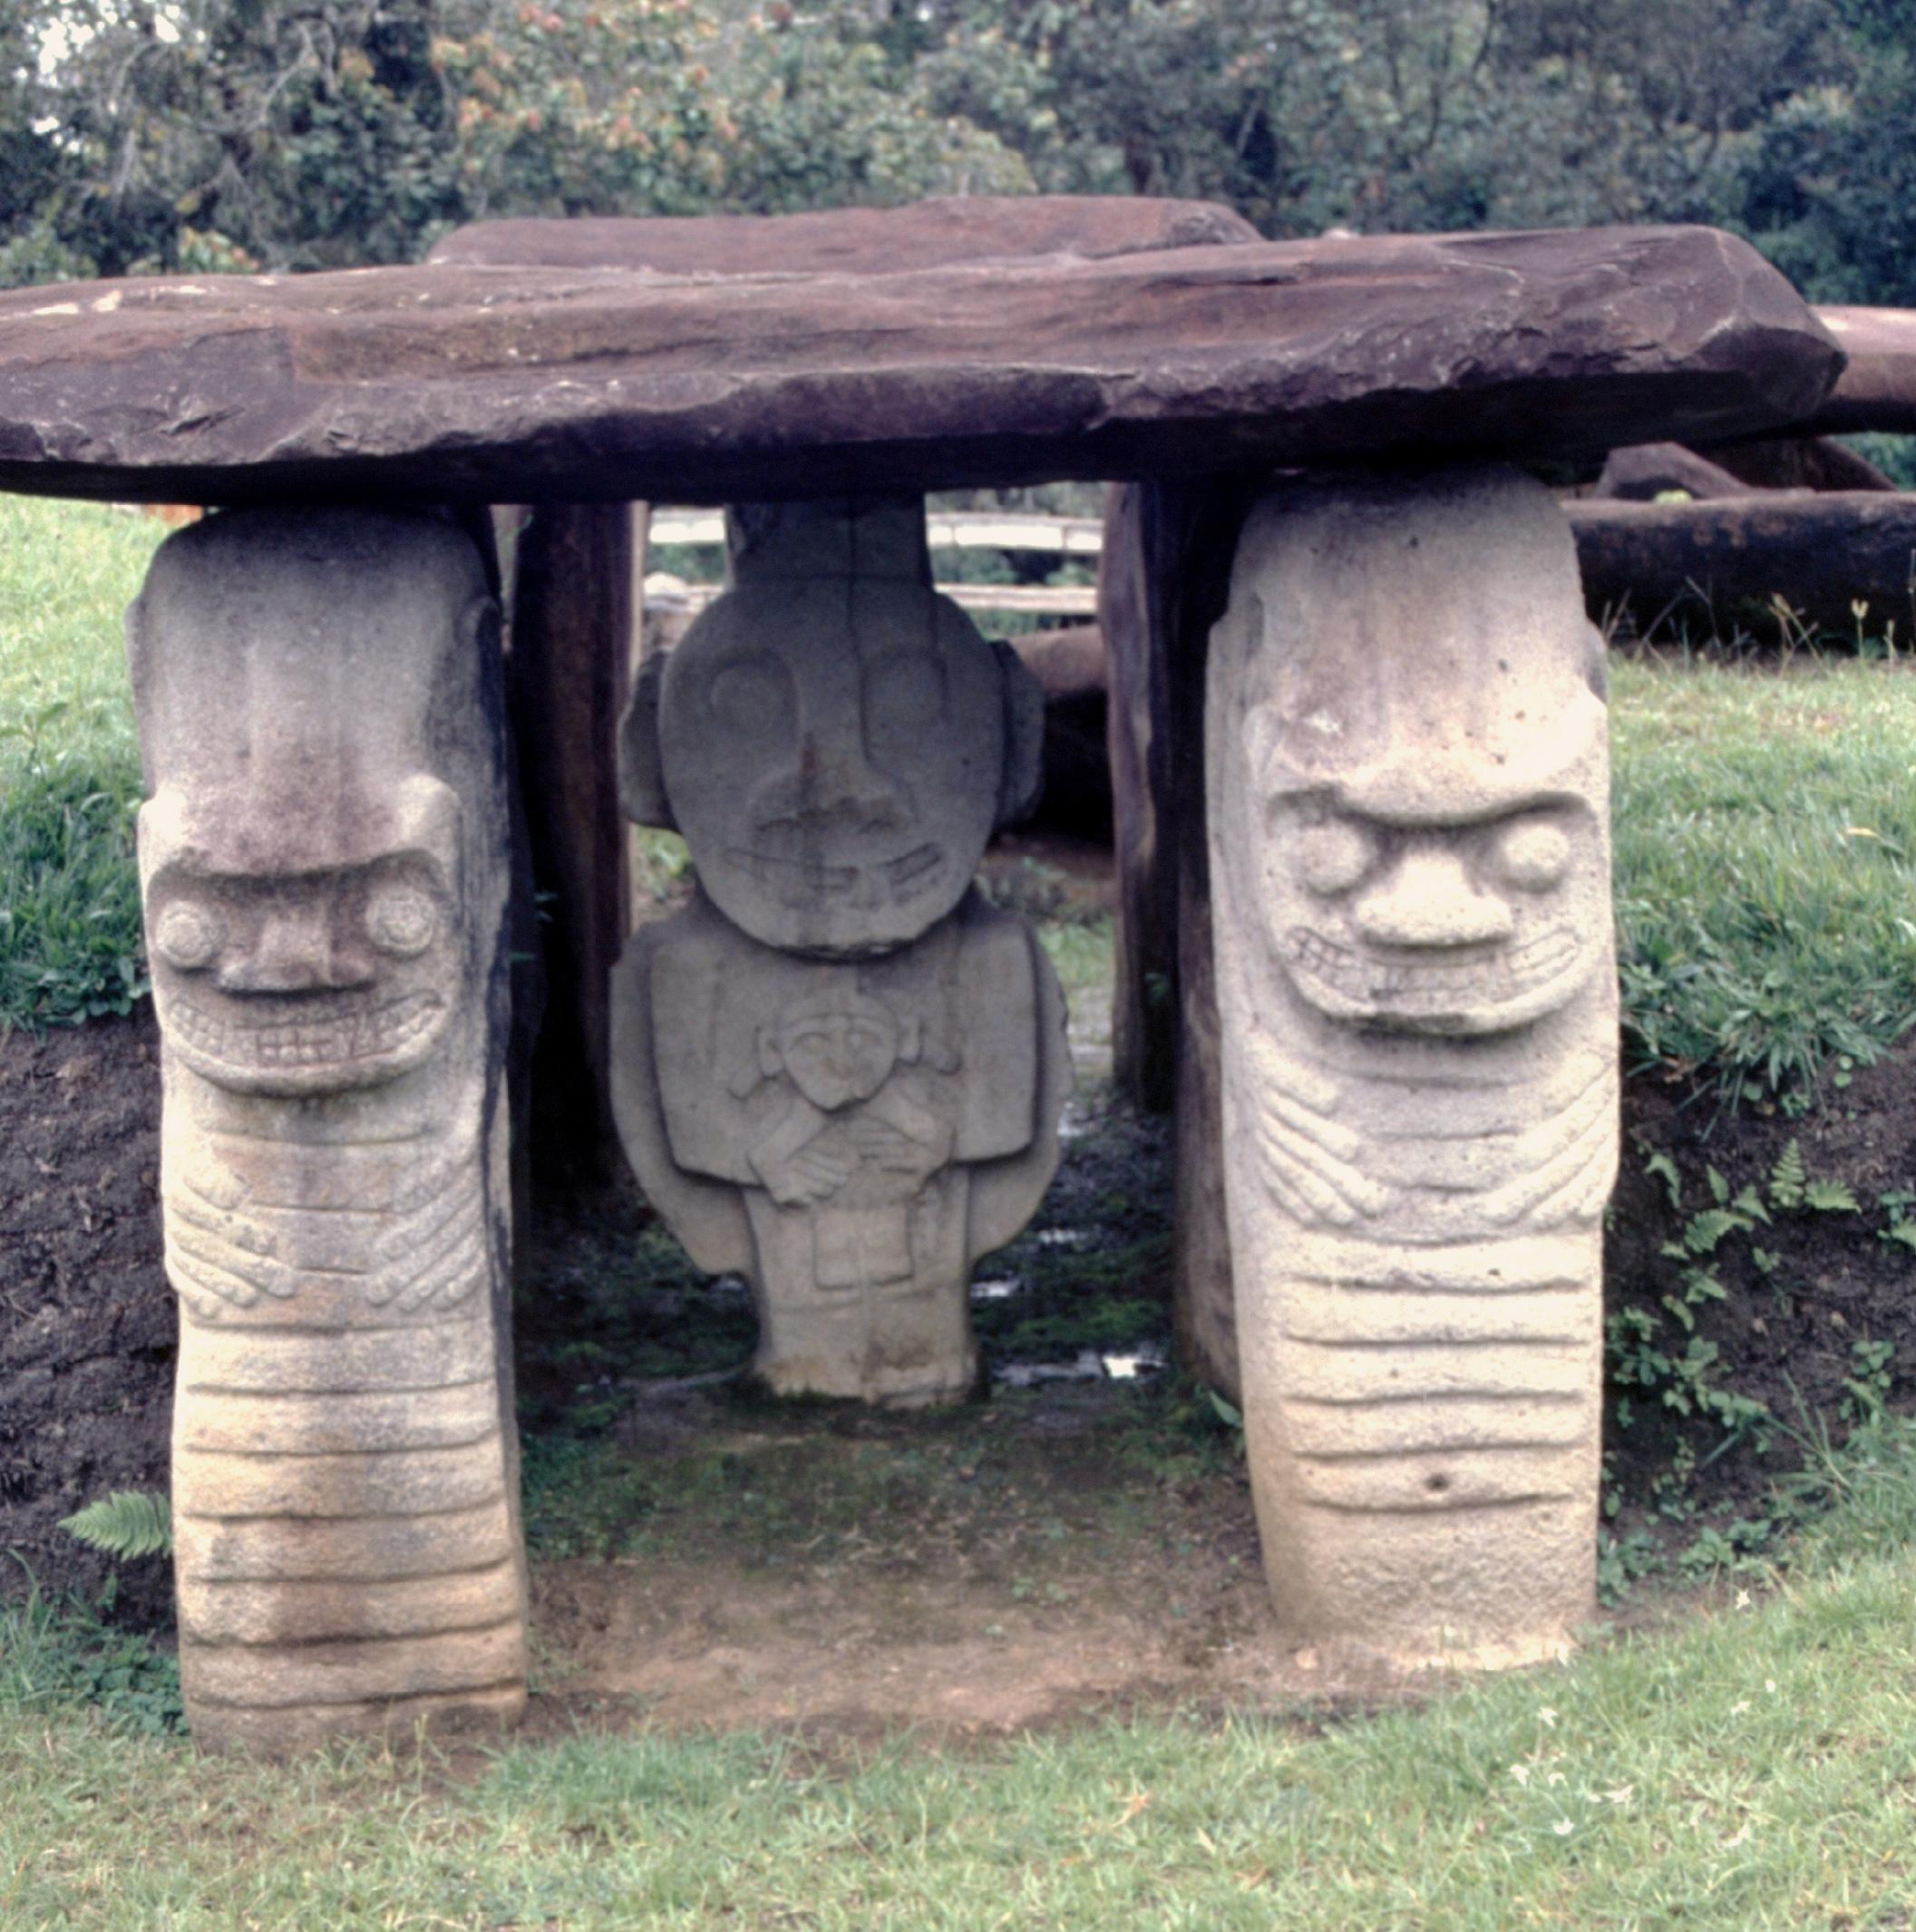 Certains archéologues pensent que la statue centrale devant les tombes symbolisait le défunt, les autres n'étant que des cariatides sensées protéger le tombeau (et supporter la dalle reposant sur l'ensemble, à la manière d'un dolmen breton).